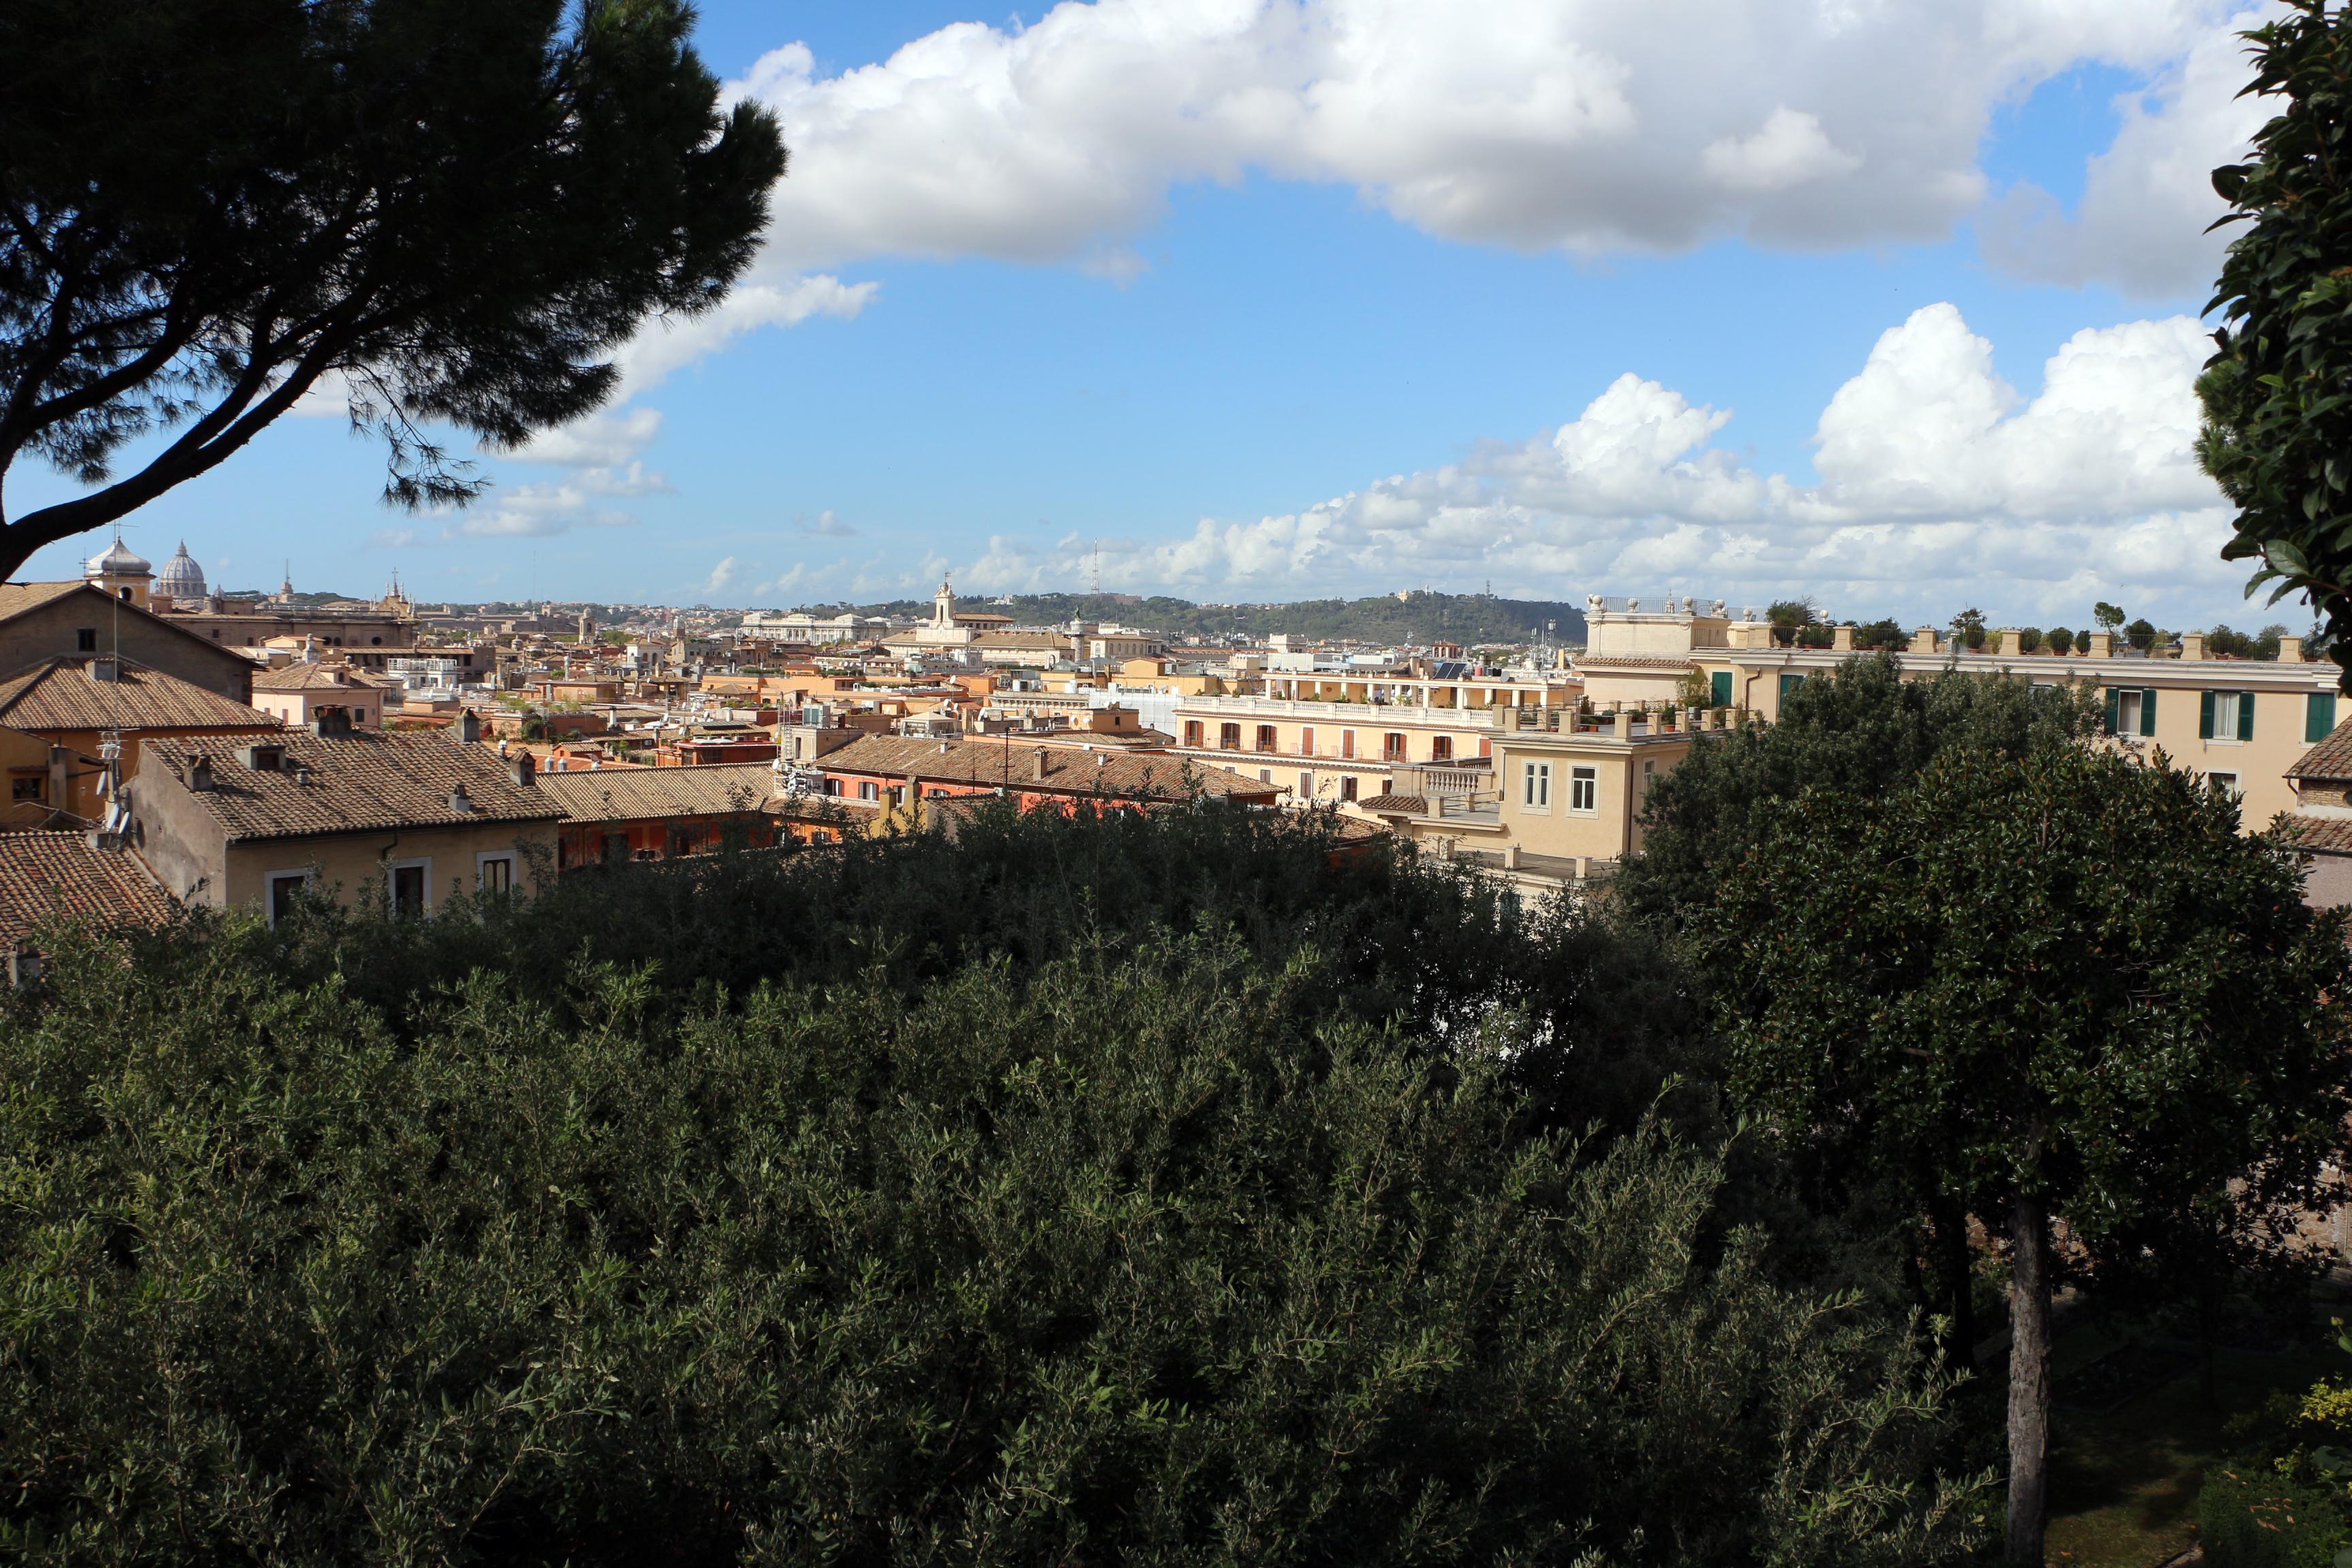 File:Palazzo colonna, giardini, terrazza, veduta su roma 01.jpg ...